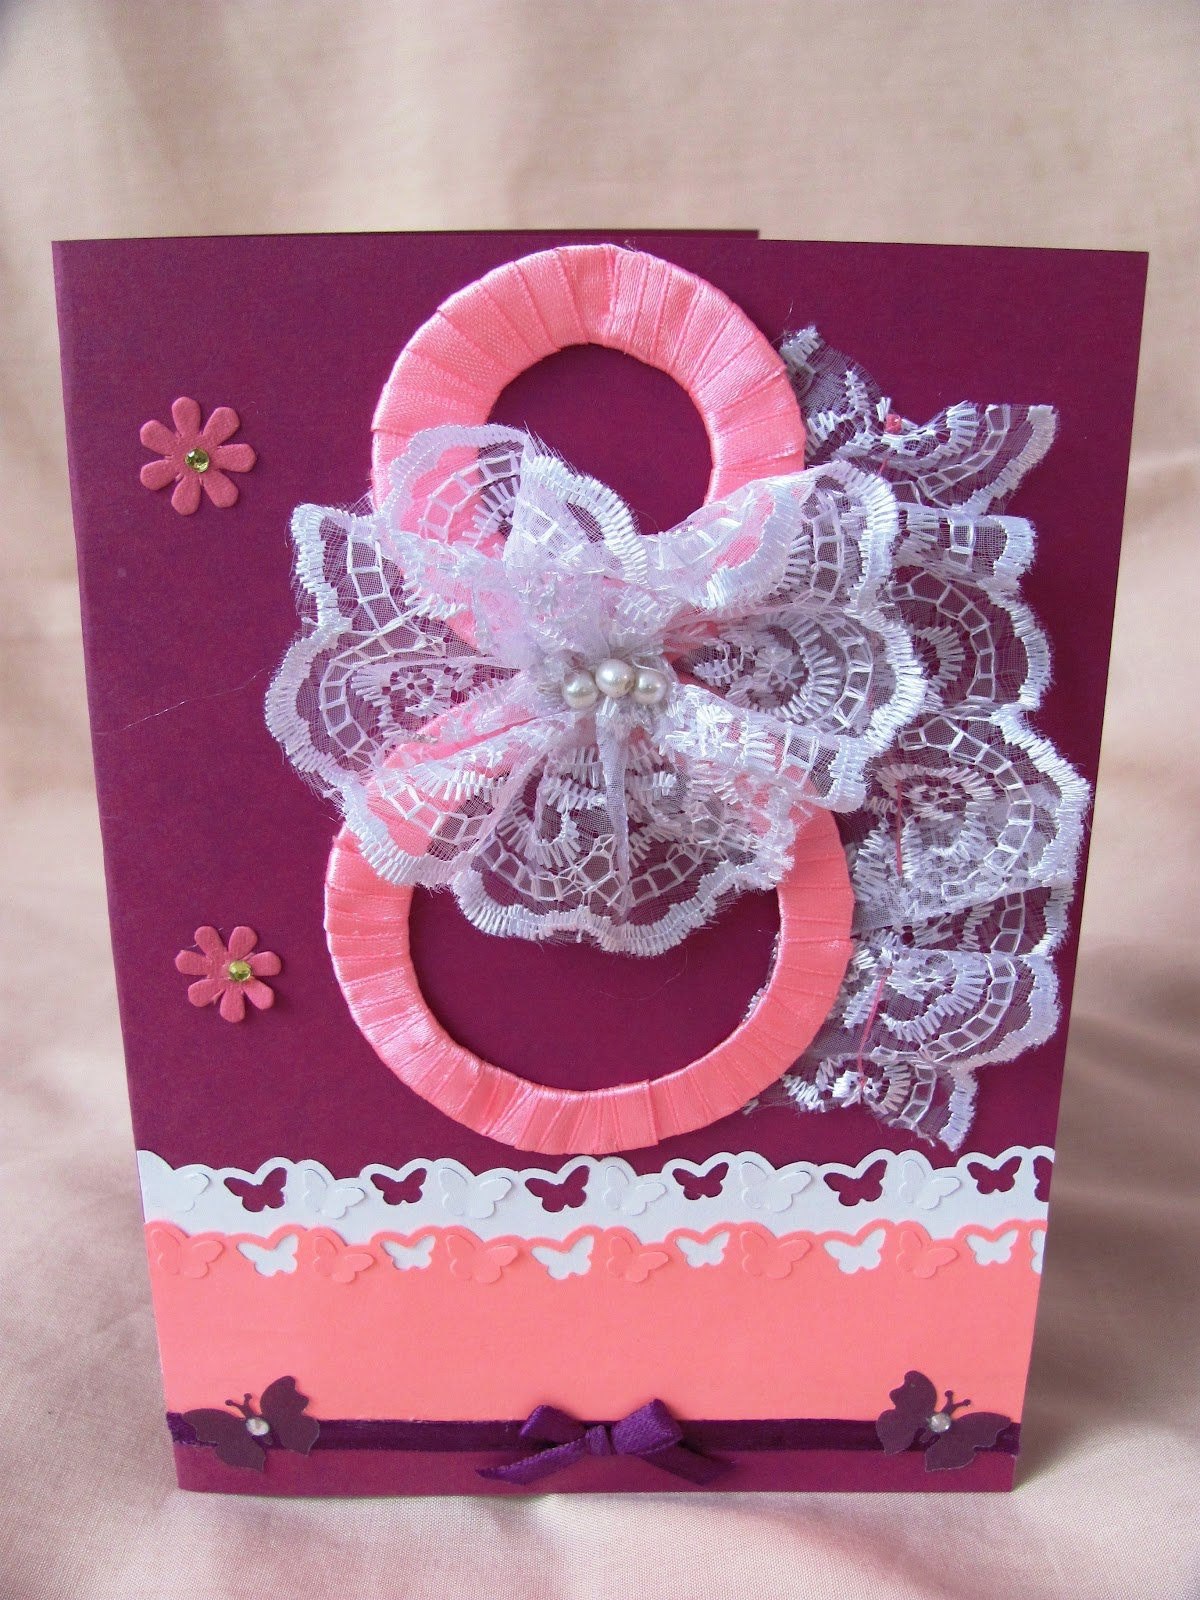 Февраля, как сделать поздравительную открытку маме на 8 марта